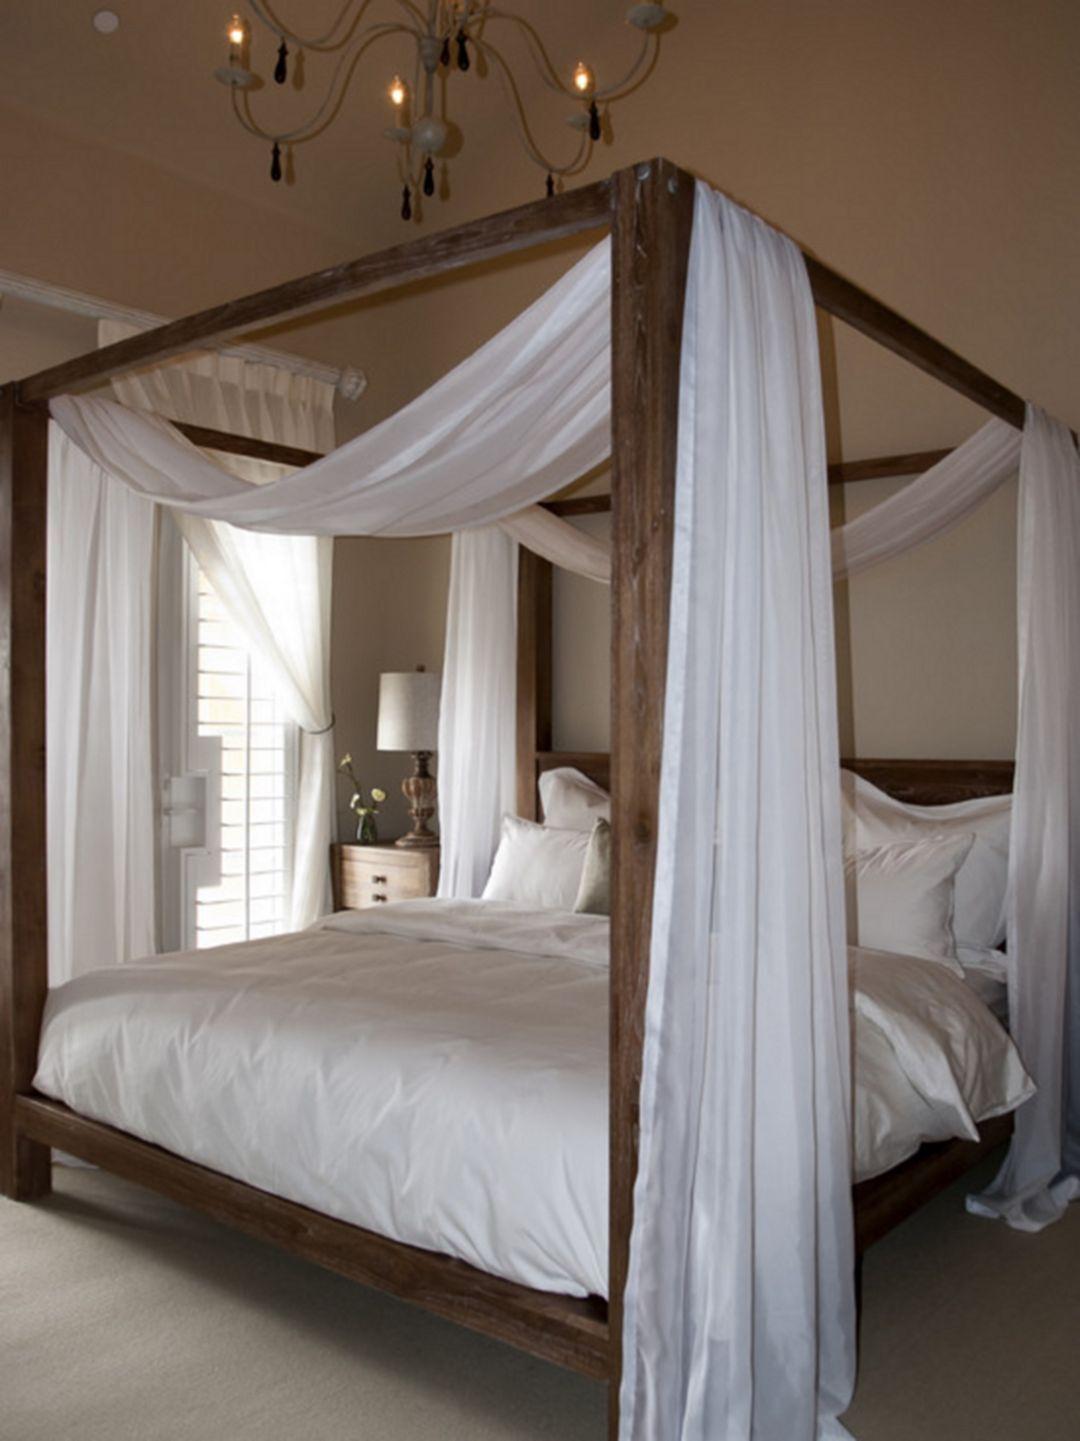 Best Romantic Master Bedroom Design Ideas 1093 – Decoor With 400 x 300